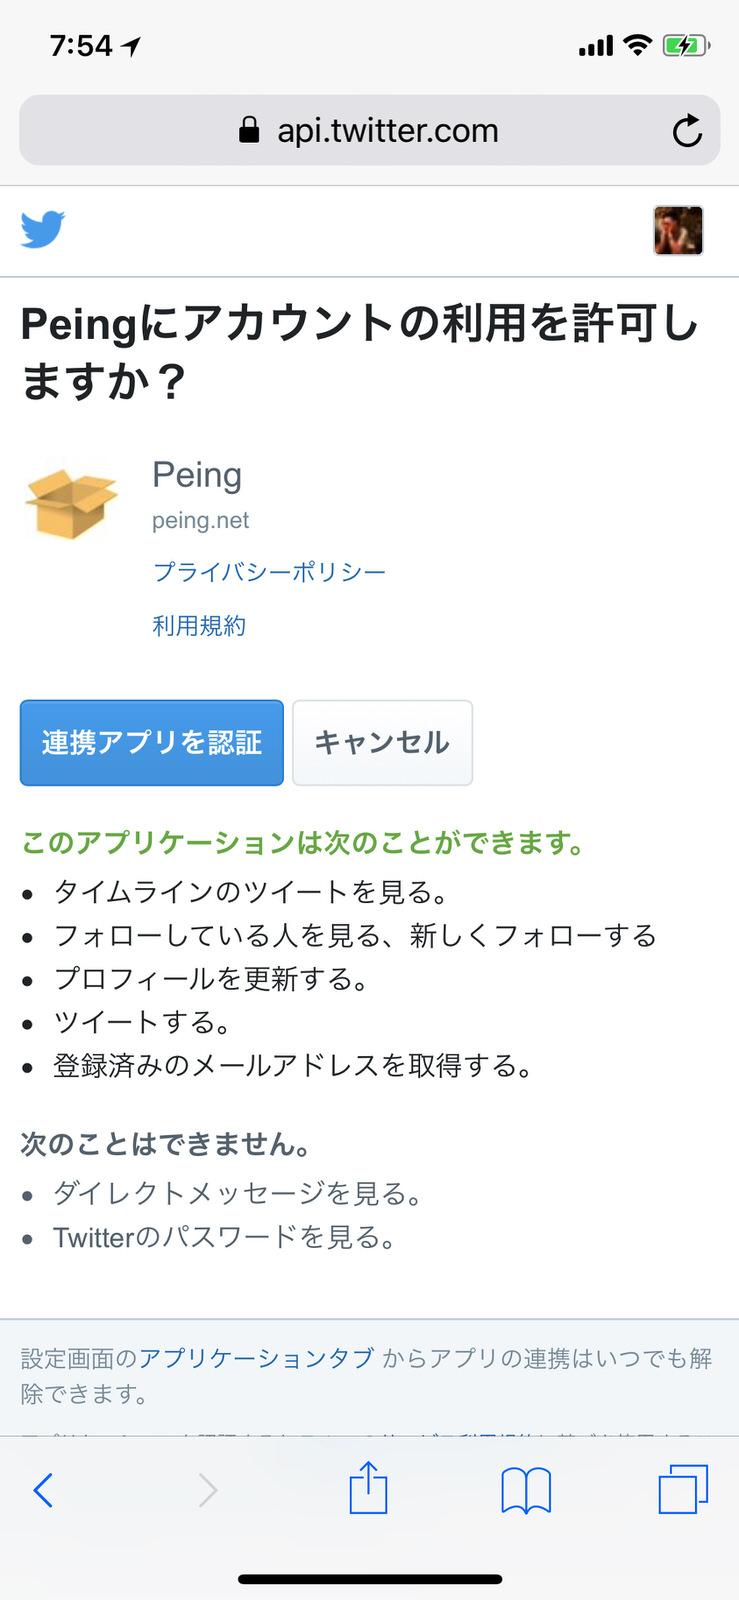 Peing-2